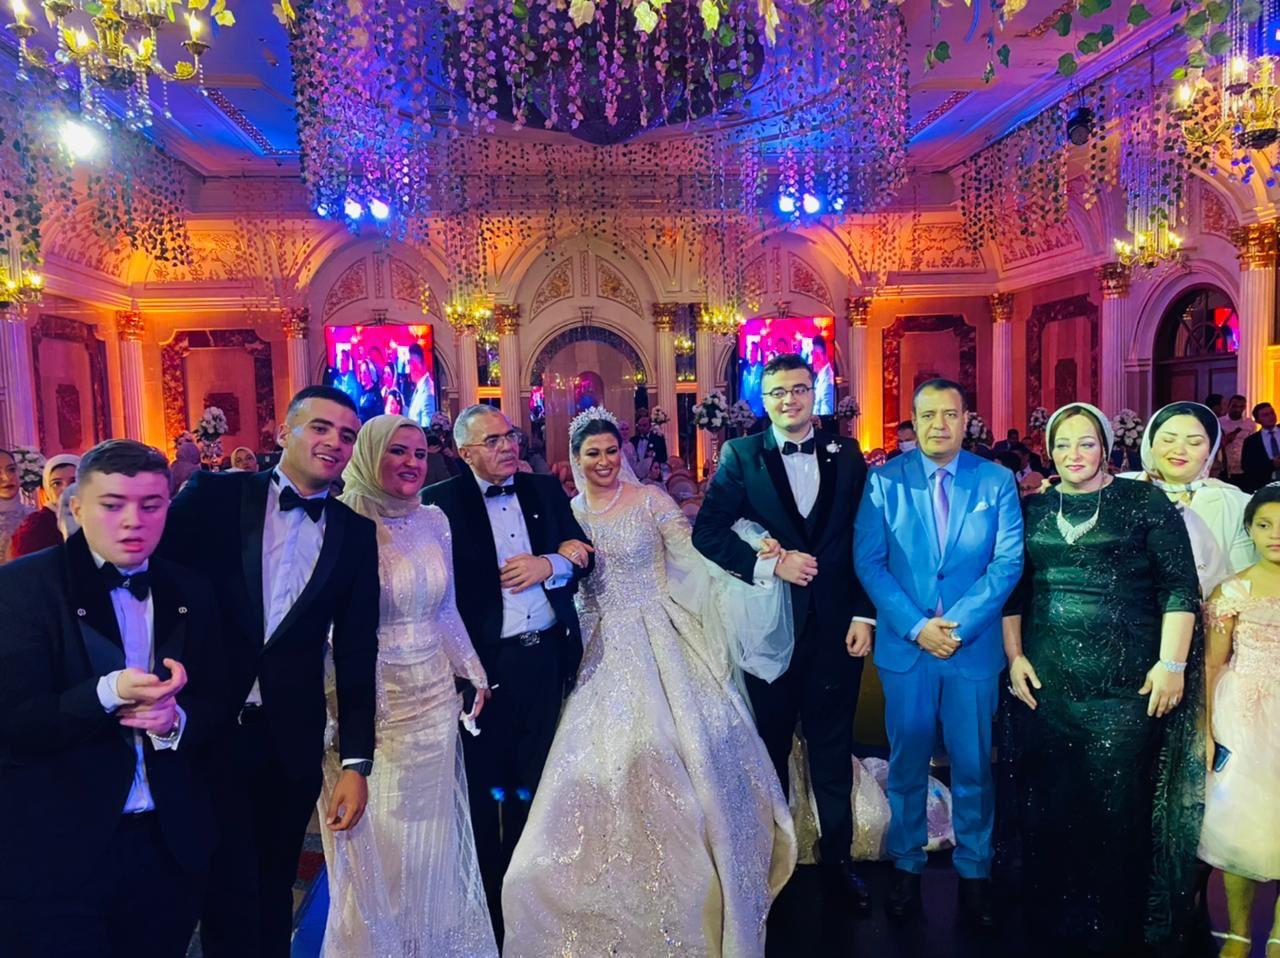 صور| زفاف نجل العميد دكتور احمد قدرى أبوحسين بحضور وزراء ومحافظين وكبار المسئولين بالدولة